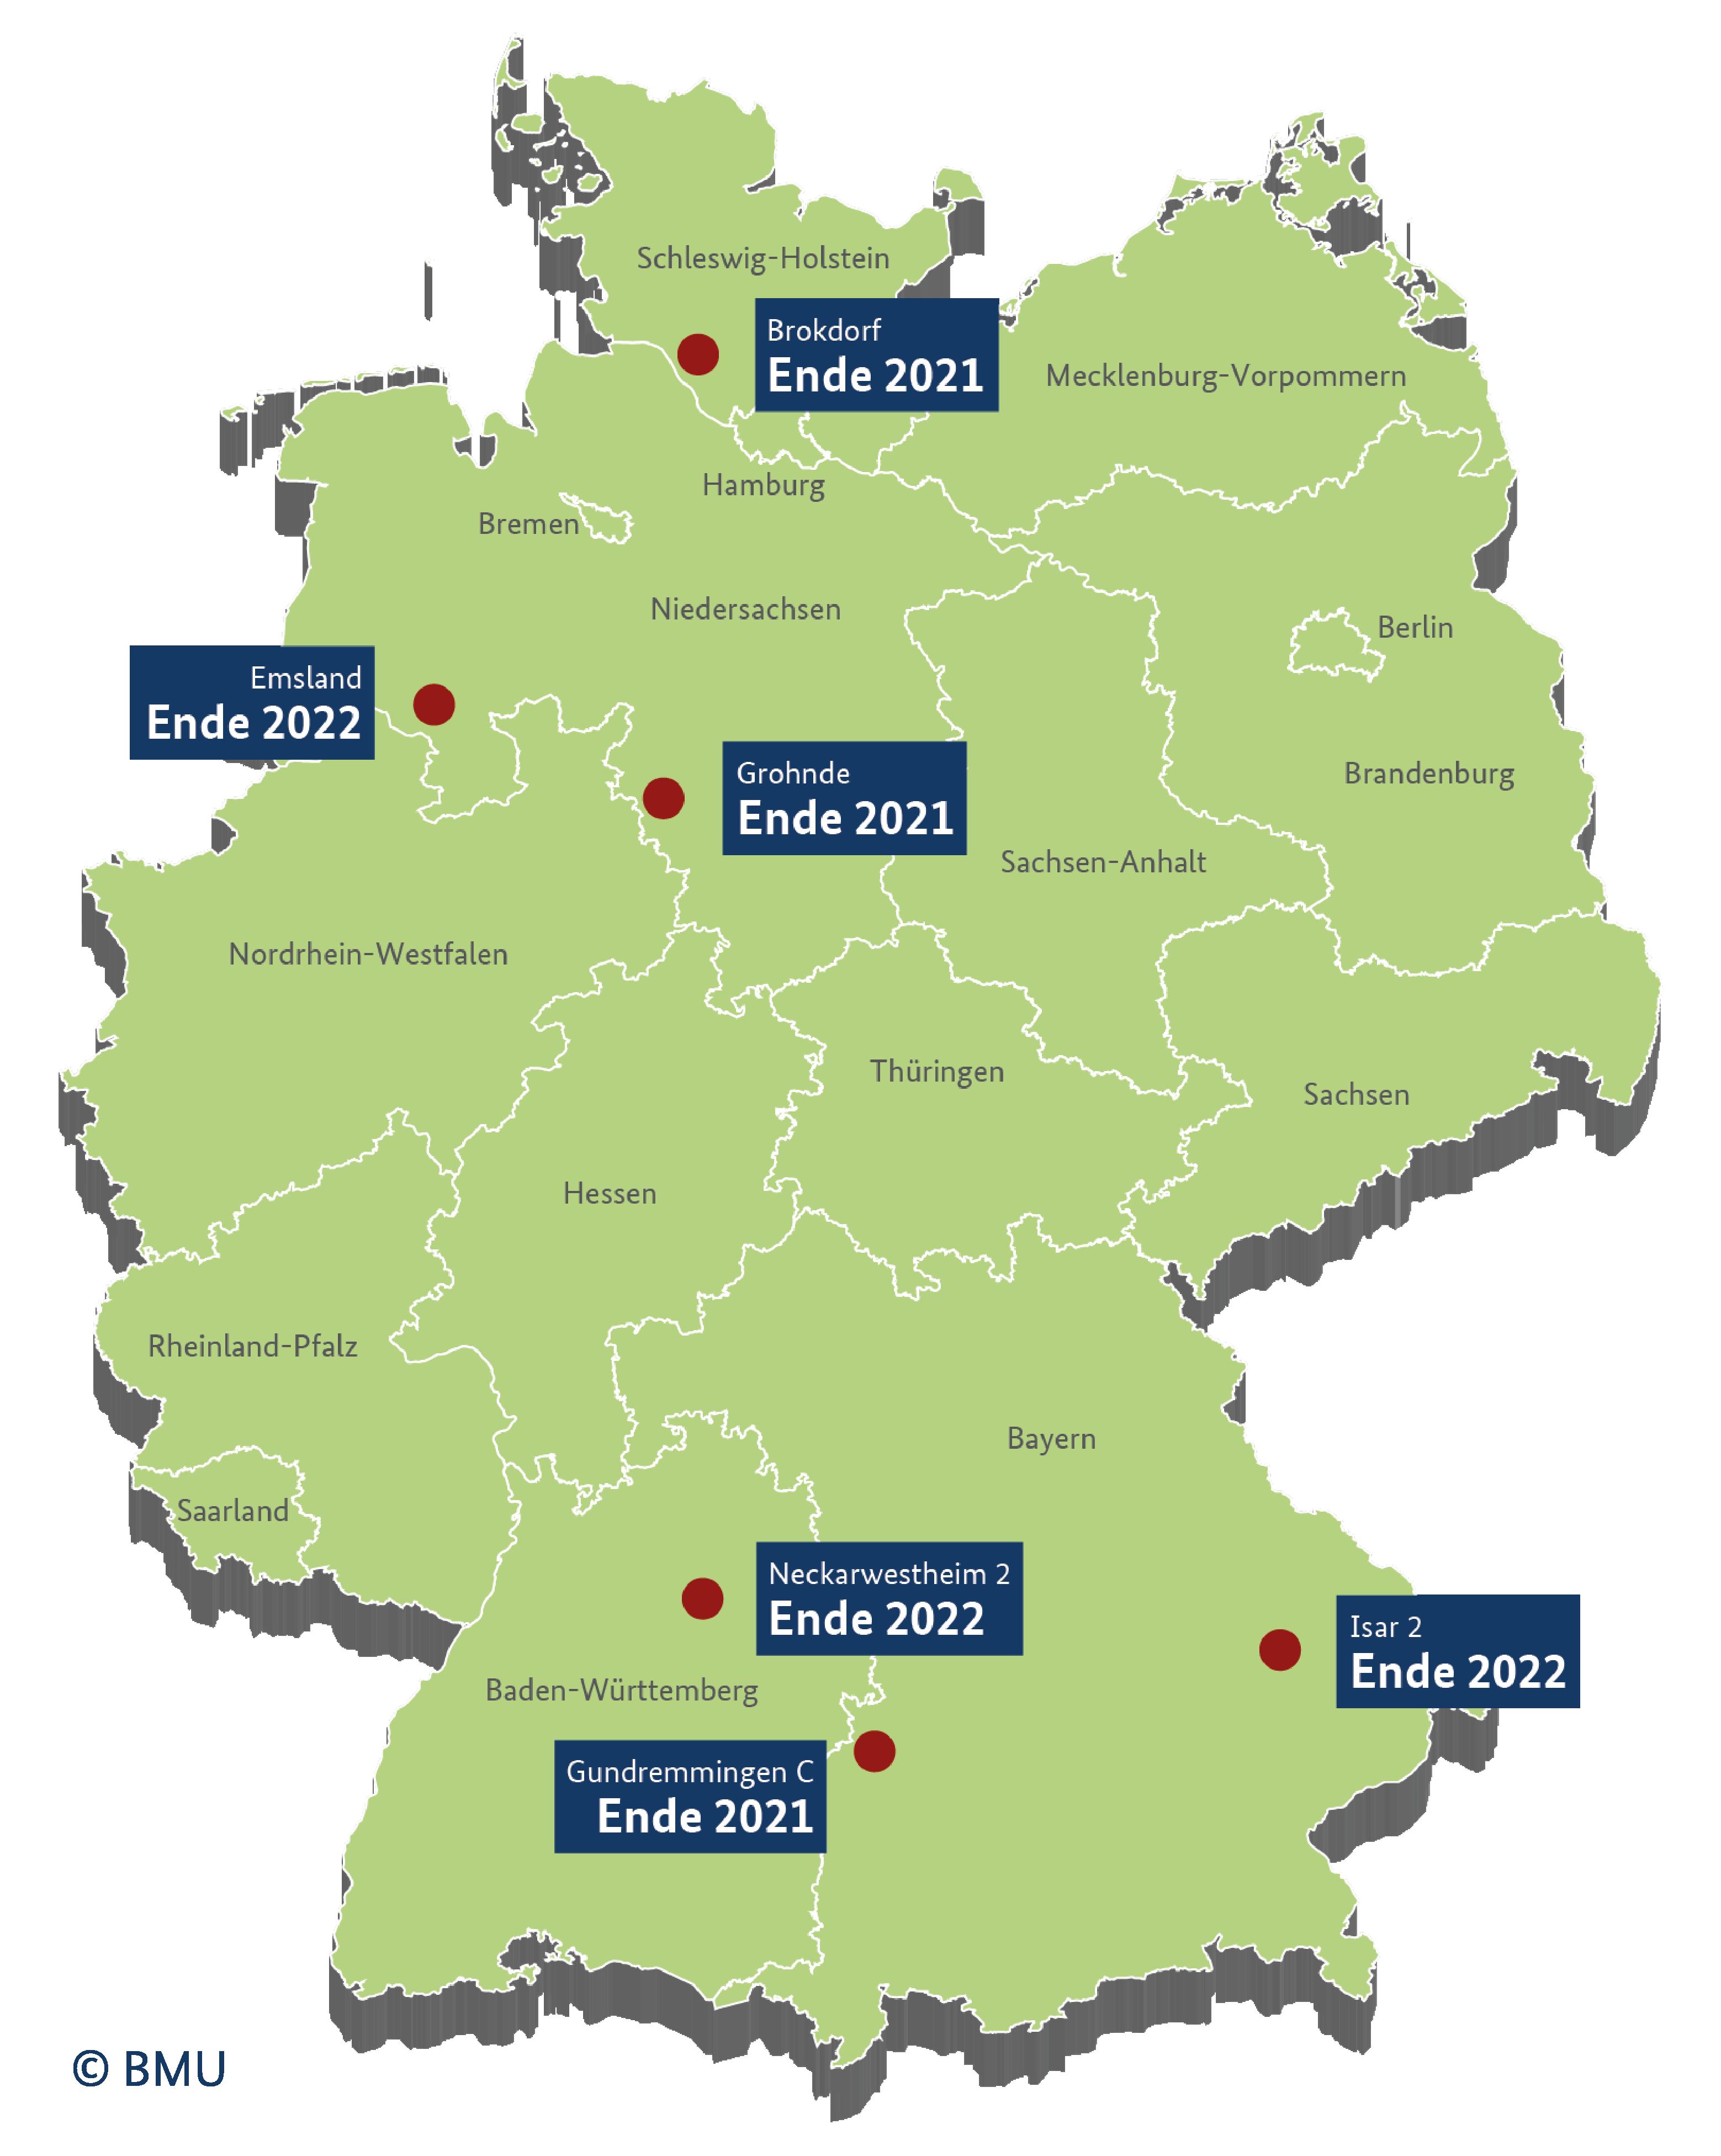 Übersicht aller aktiven Atomkraftwerke in Deutschland